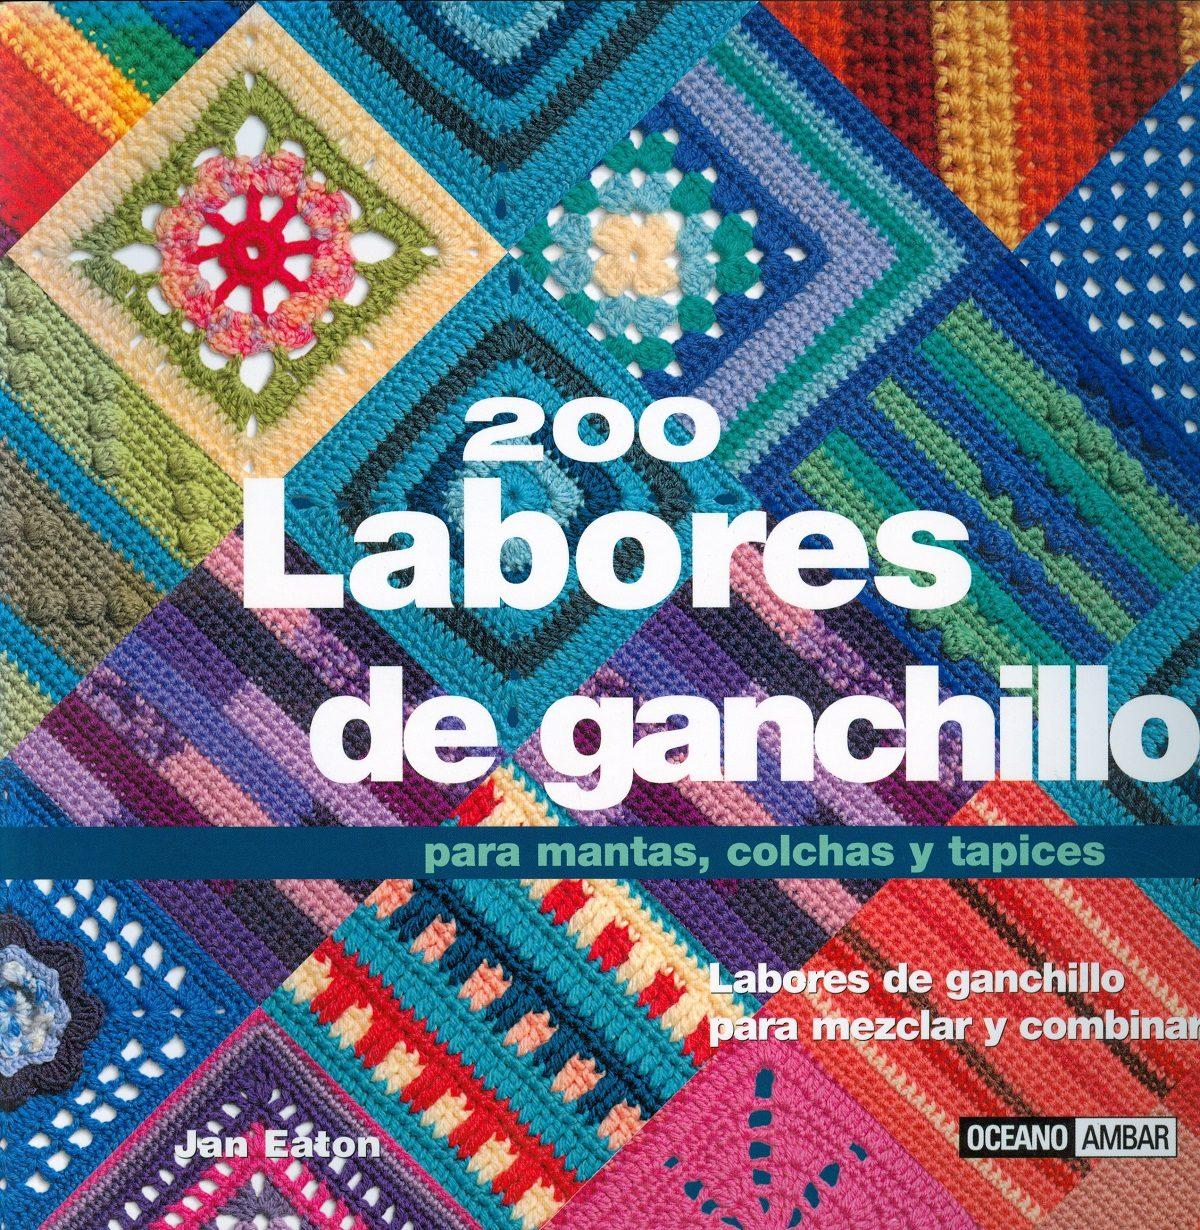 200 Labores De Ganchillo Para Mantas, Colchas Y Tapices por Jan Eaton